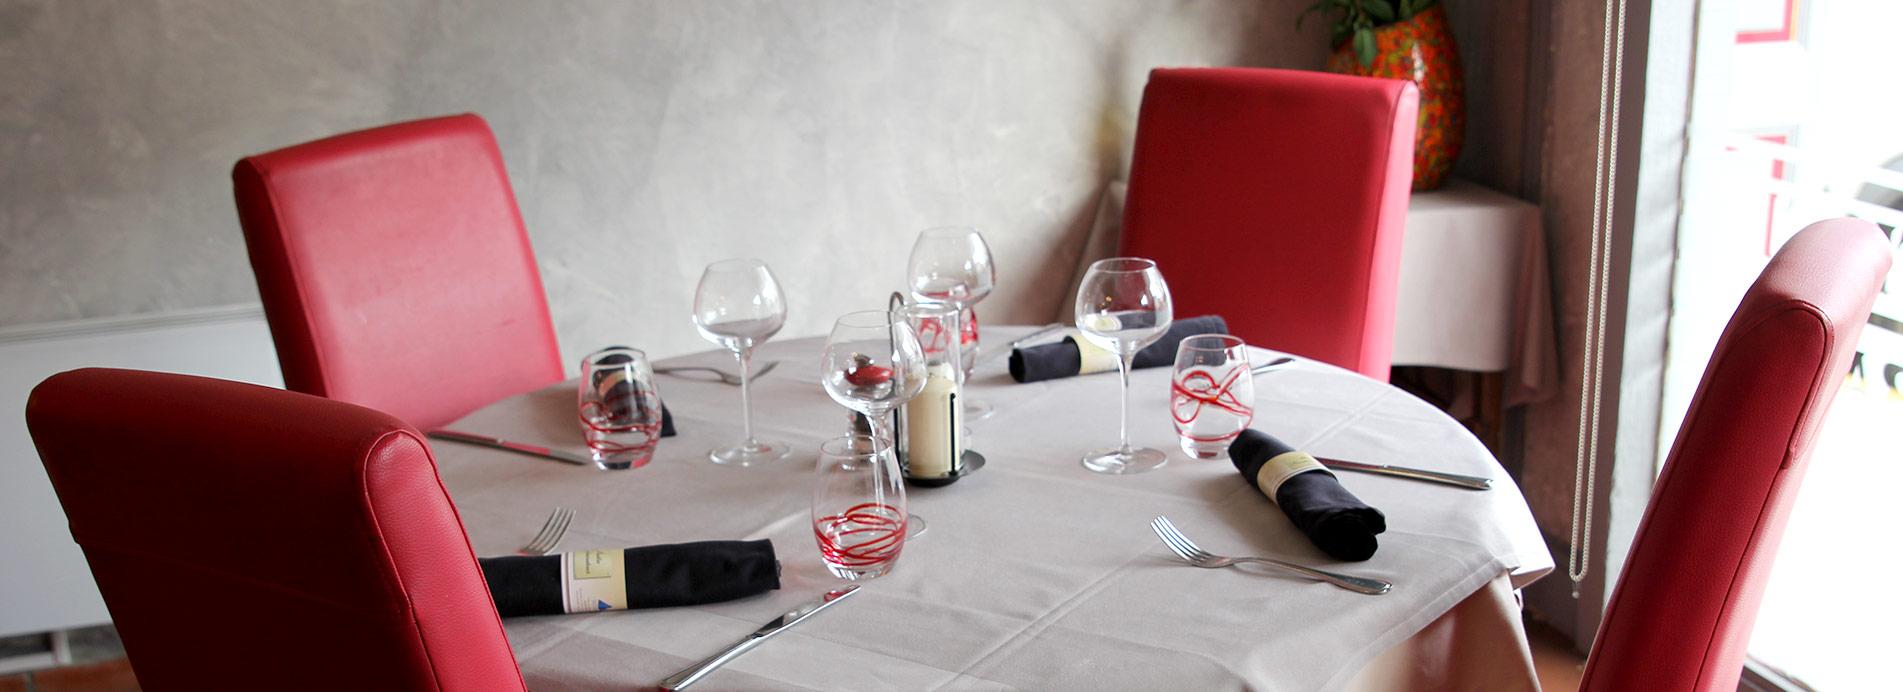 Restaurant de cuisine traditionelle catalane à Céret 66